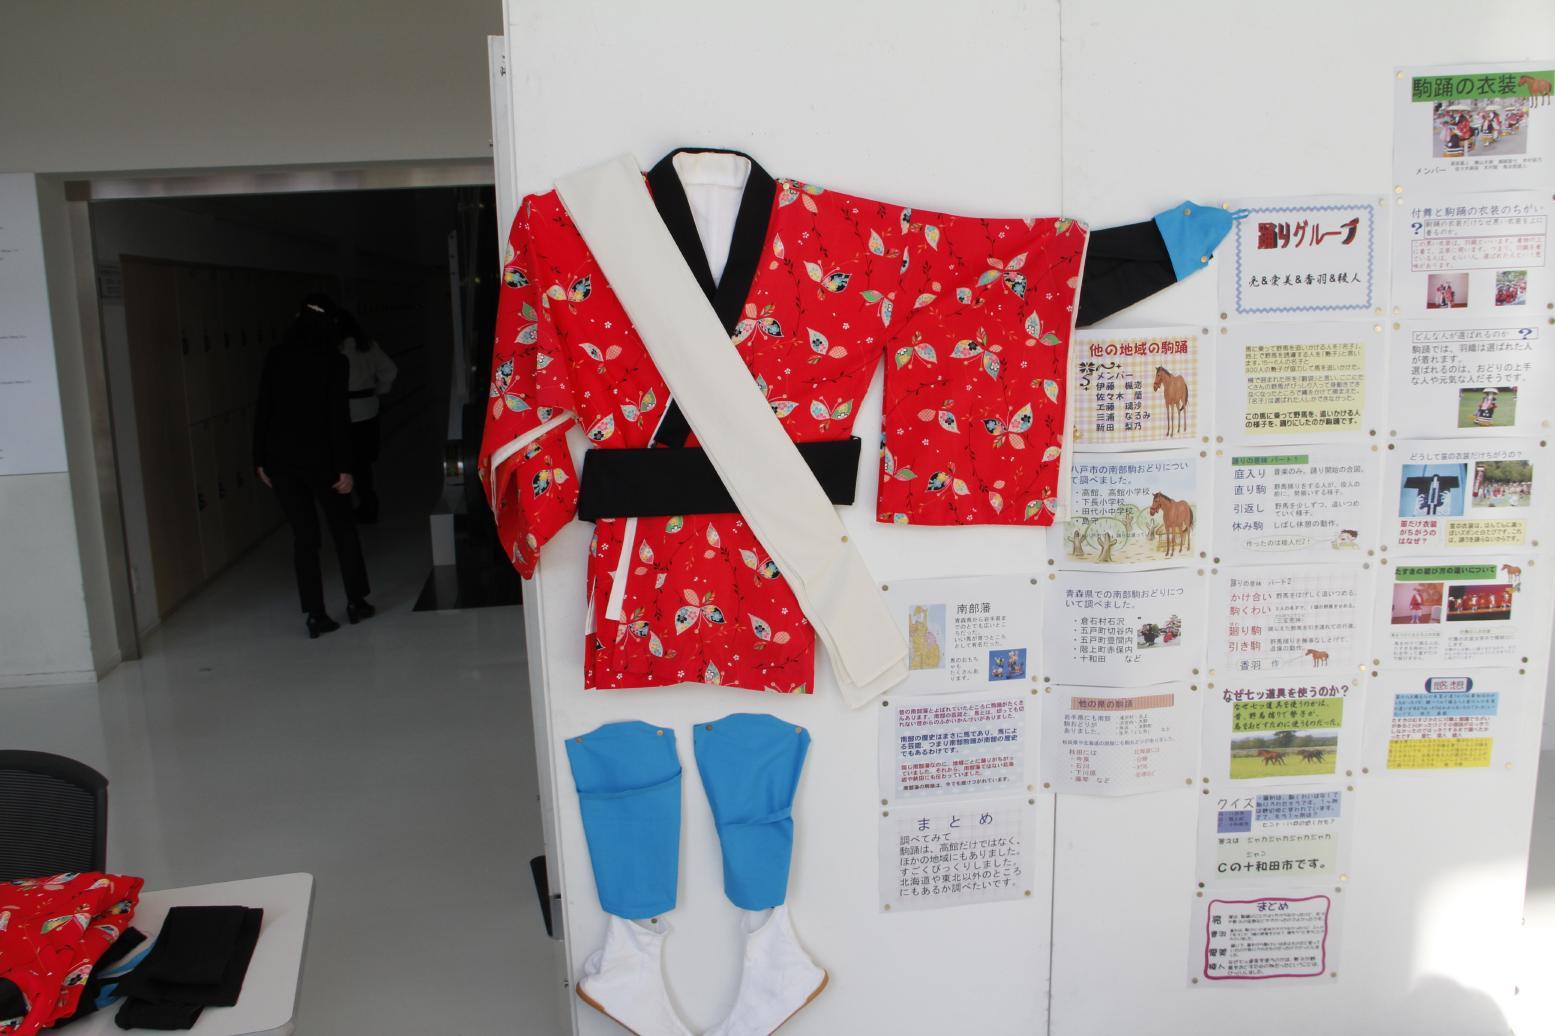 http://hacchi.jp/blog/upload/images/komaodori4.jpg